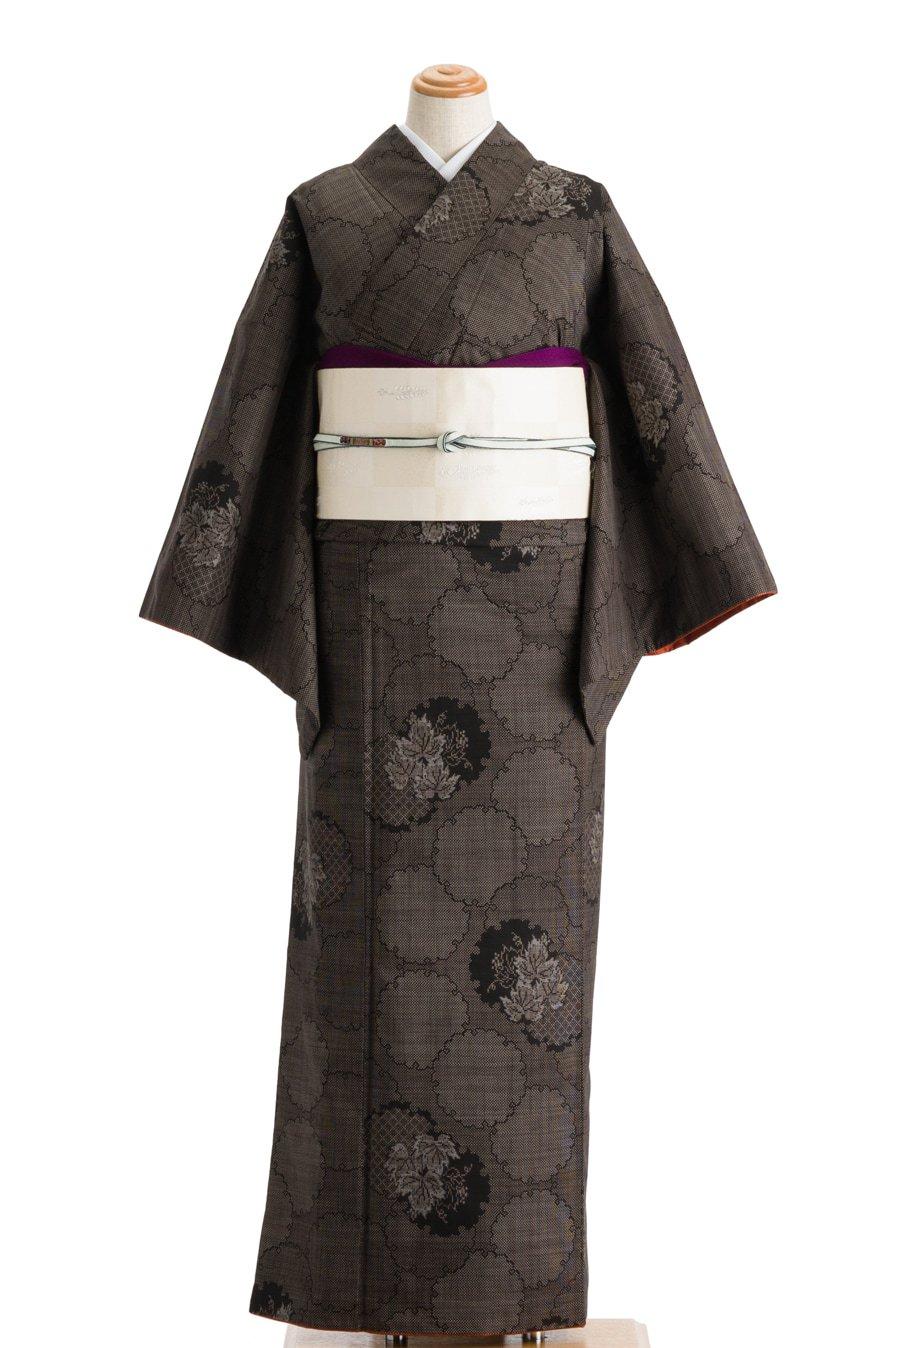 「大島紬 雪輪に葡萄」の商品画像